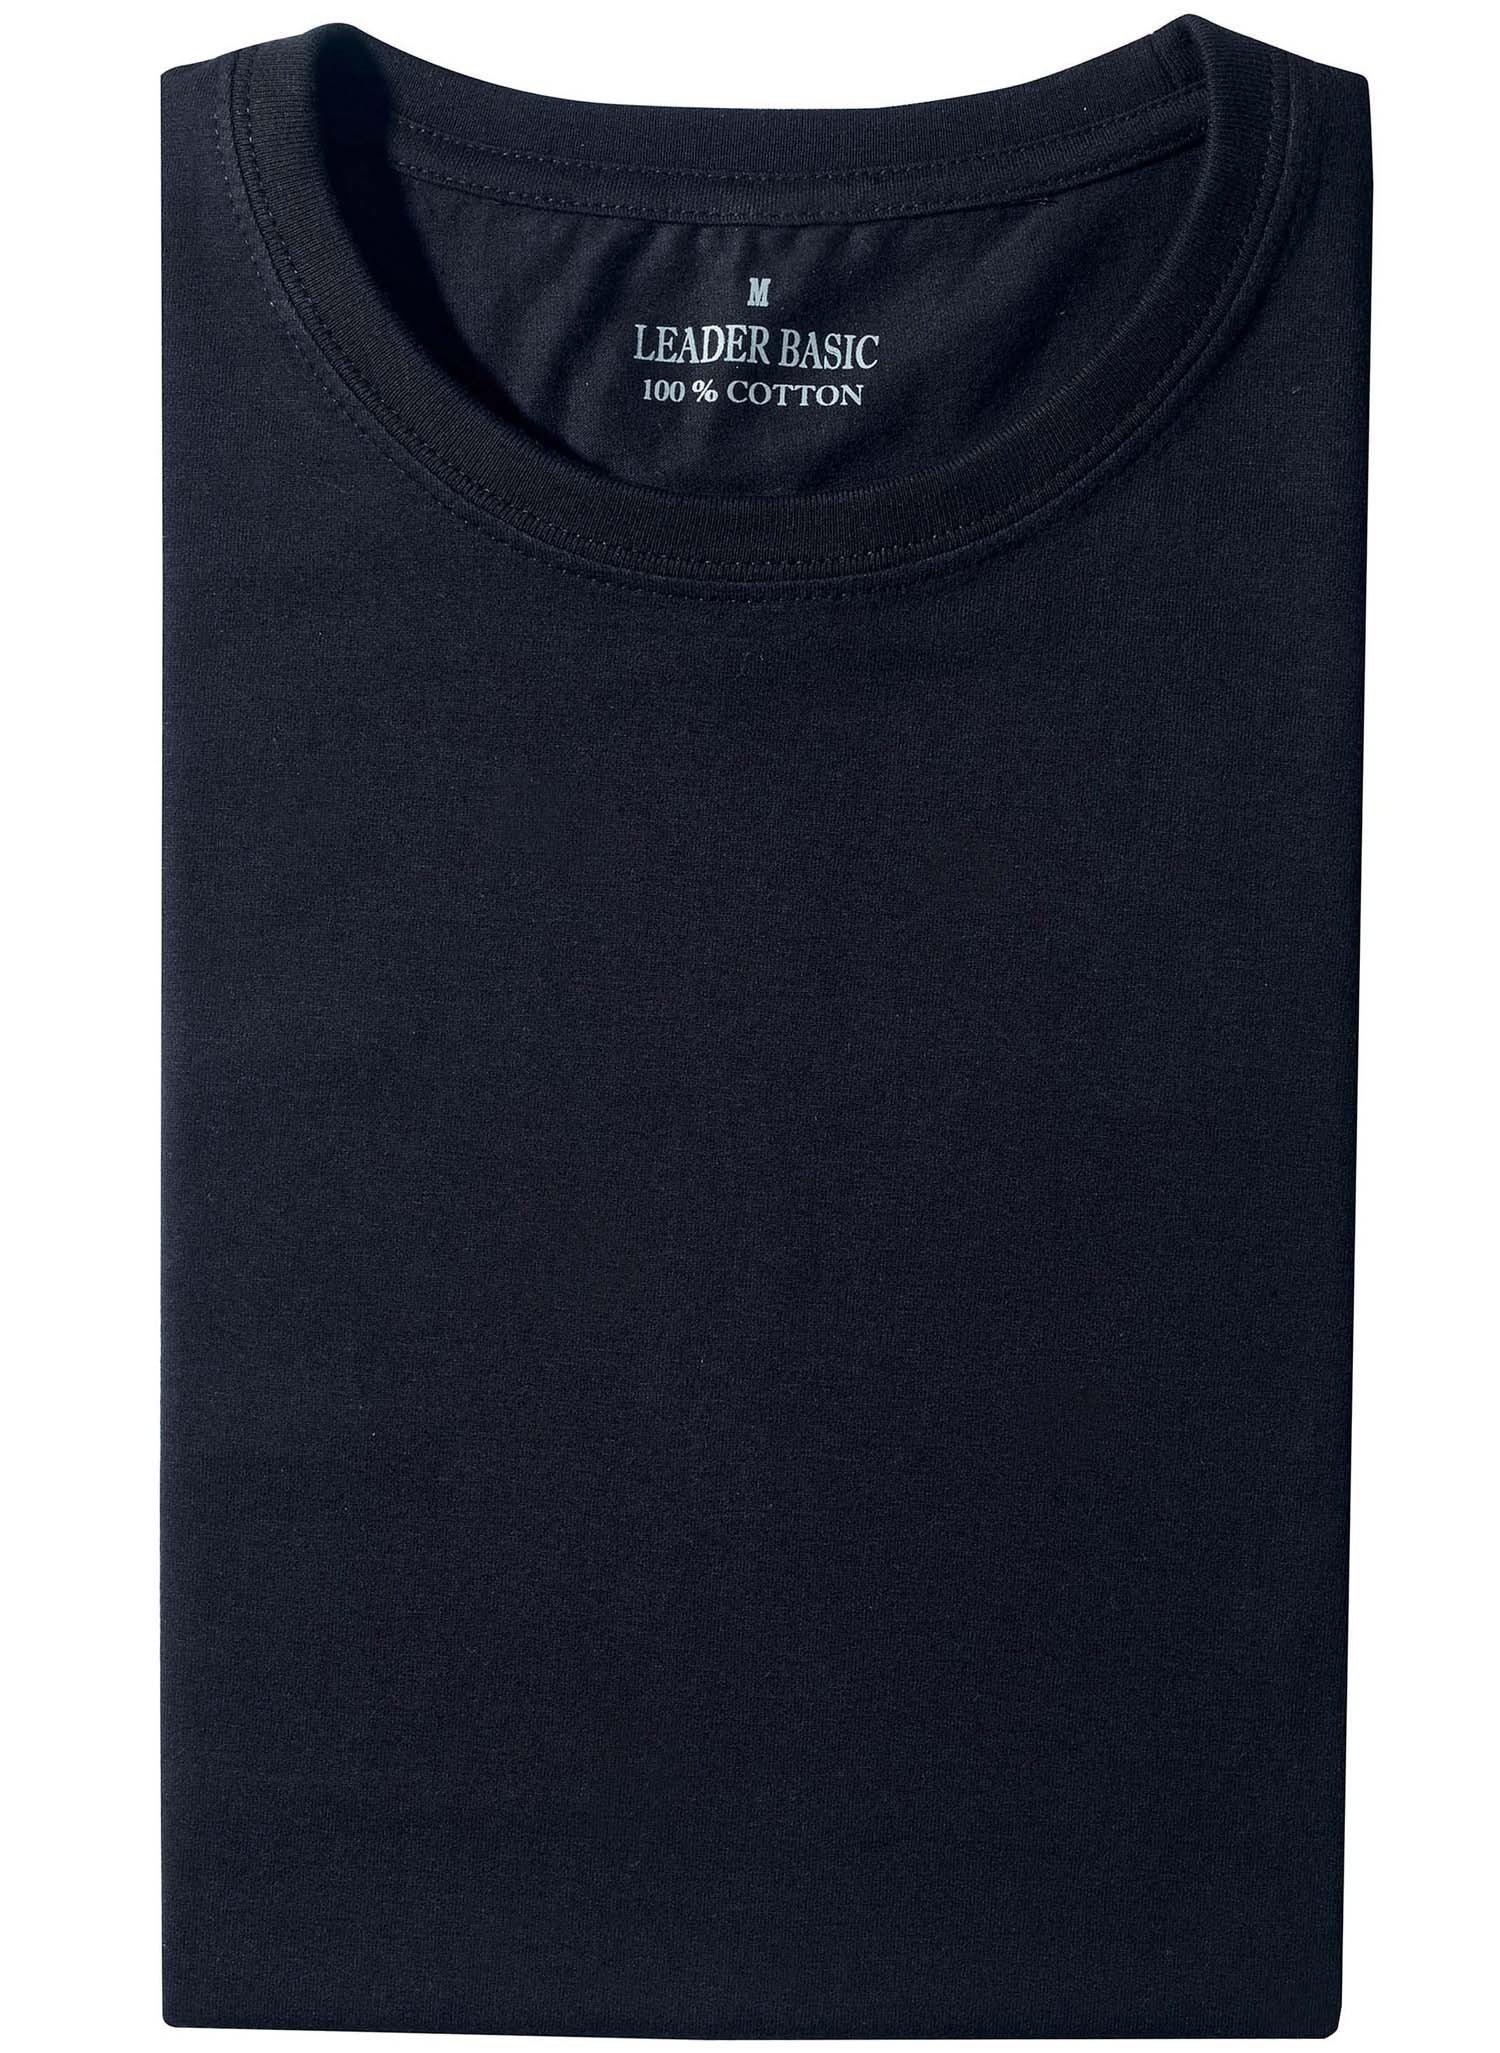 U-Duo-Pack-Shirt schwarz XXXL 010 - 3 - Ronja.ch